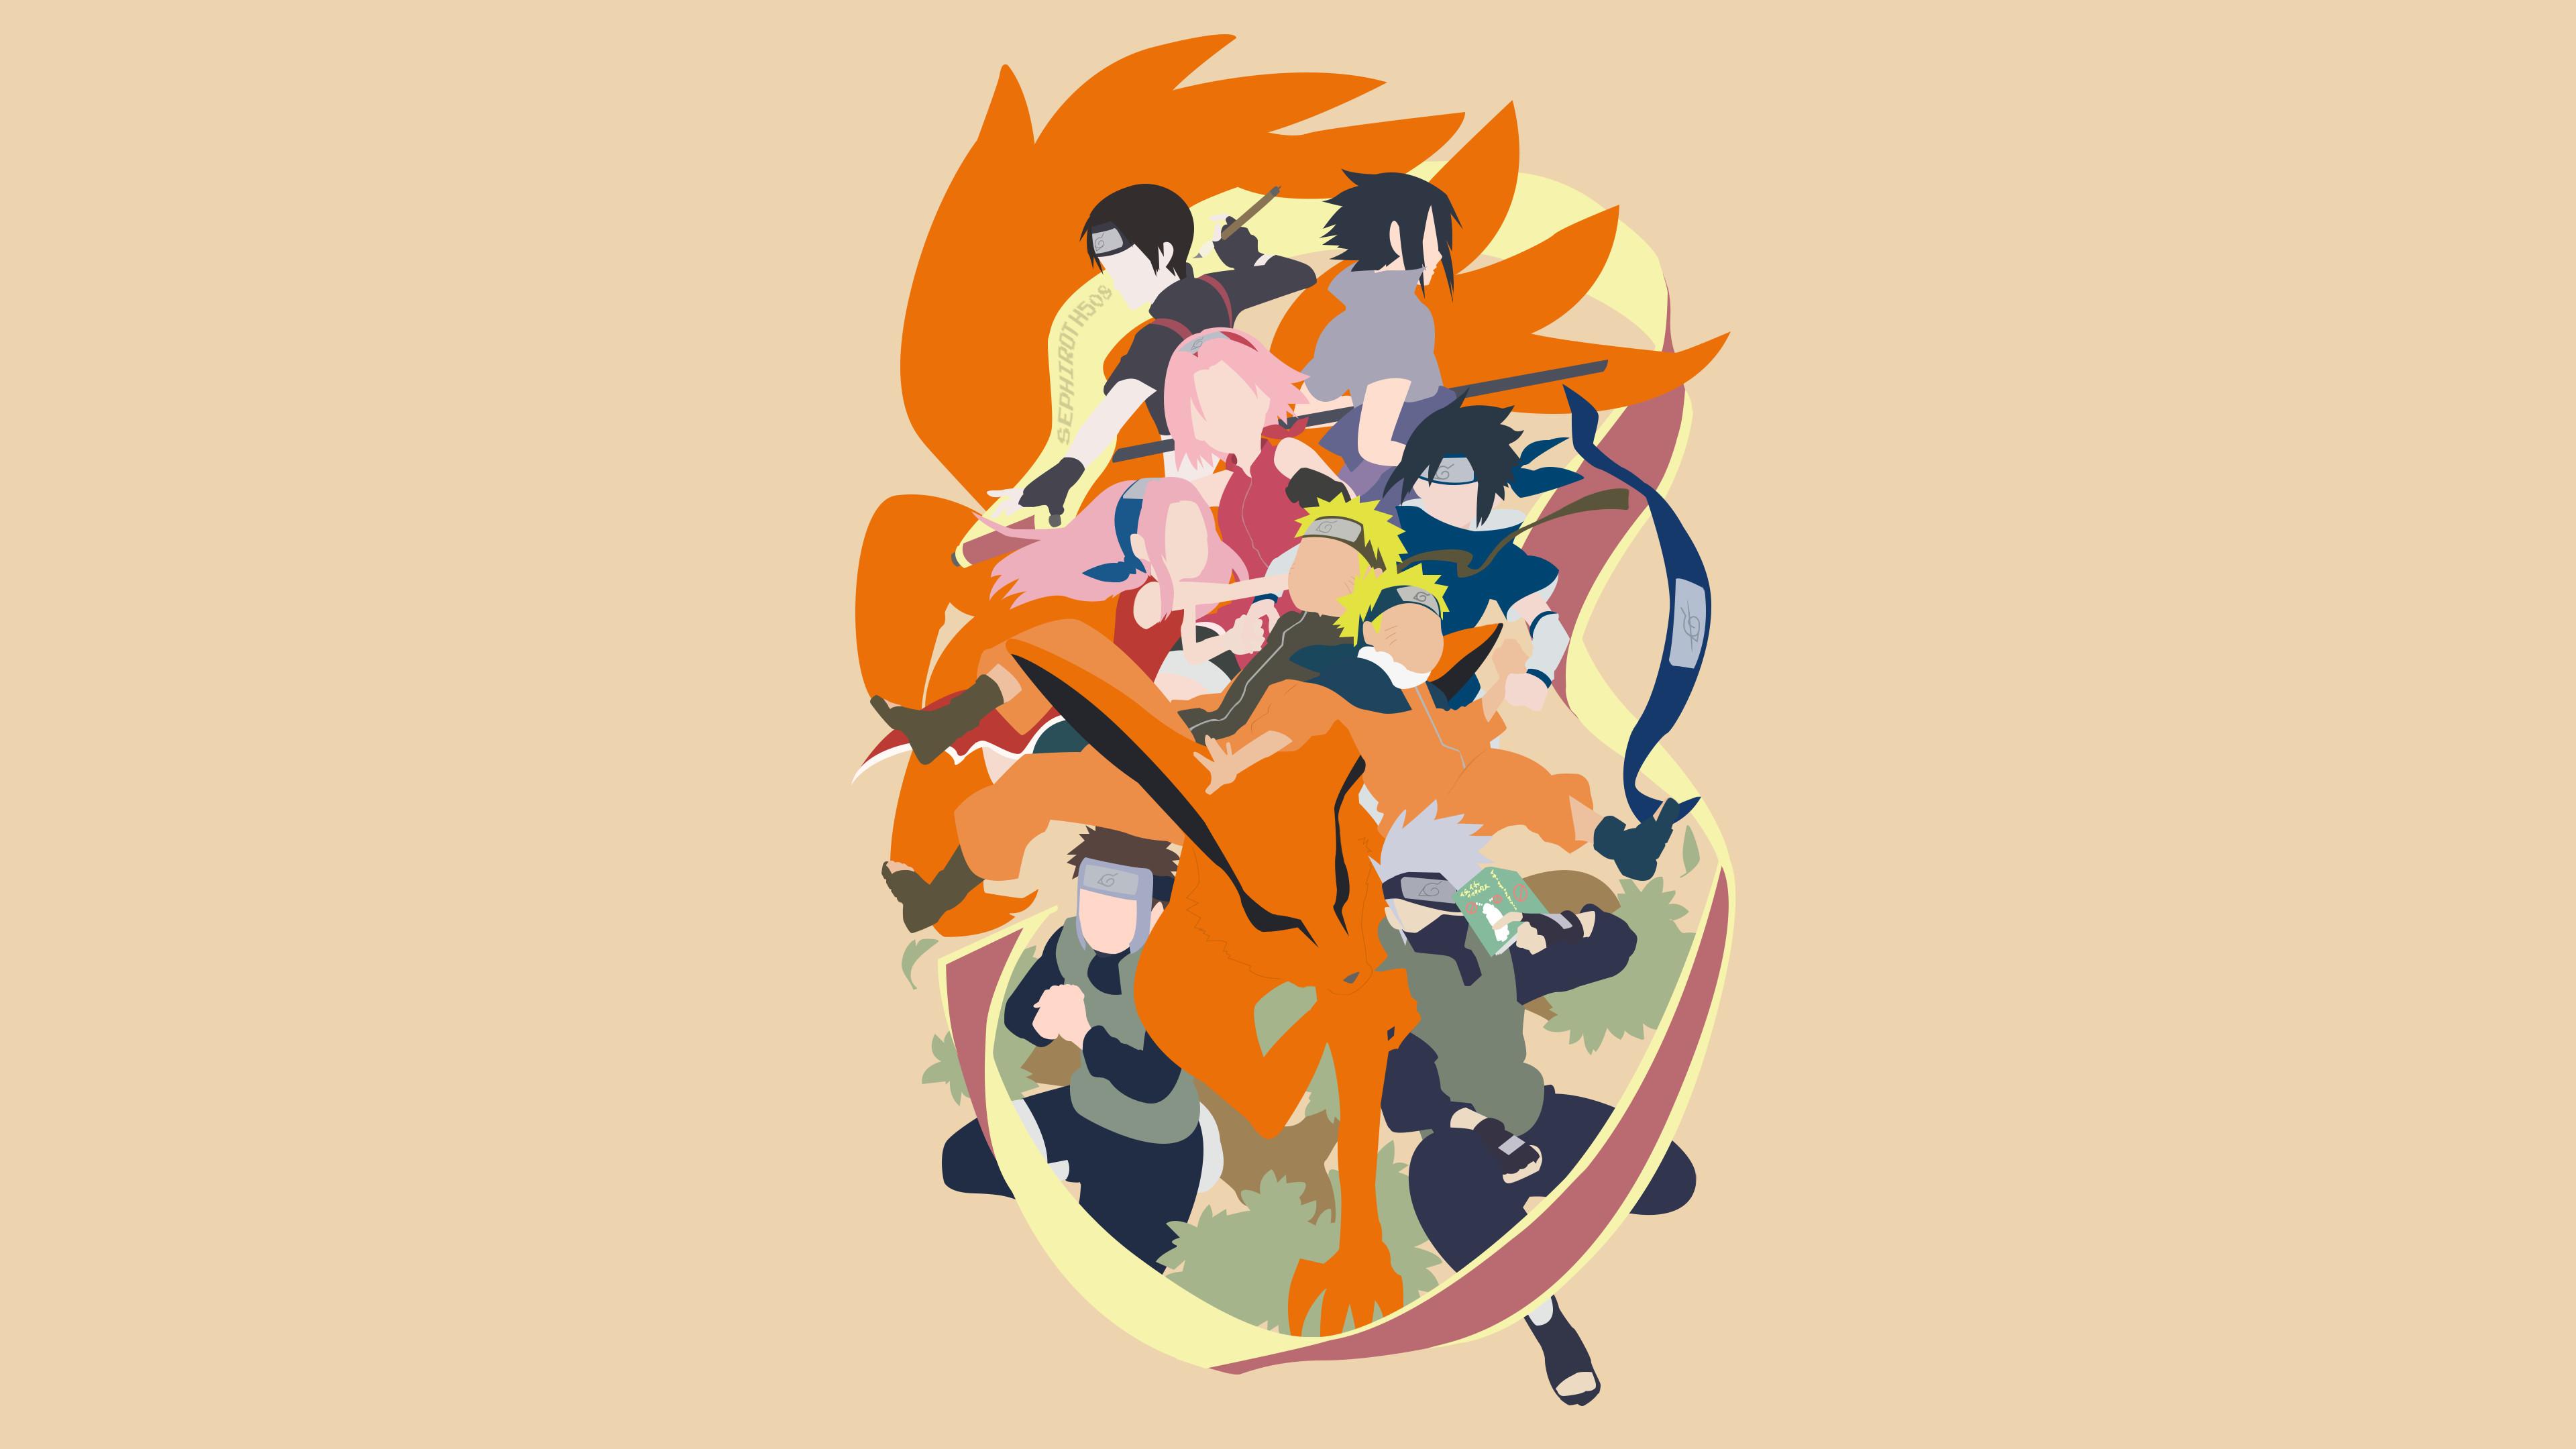 Ninja Anime Wallpaper Naruto And Kurama Wallpapers 73 Images